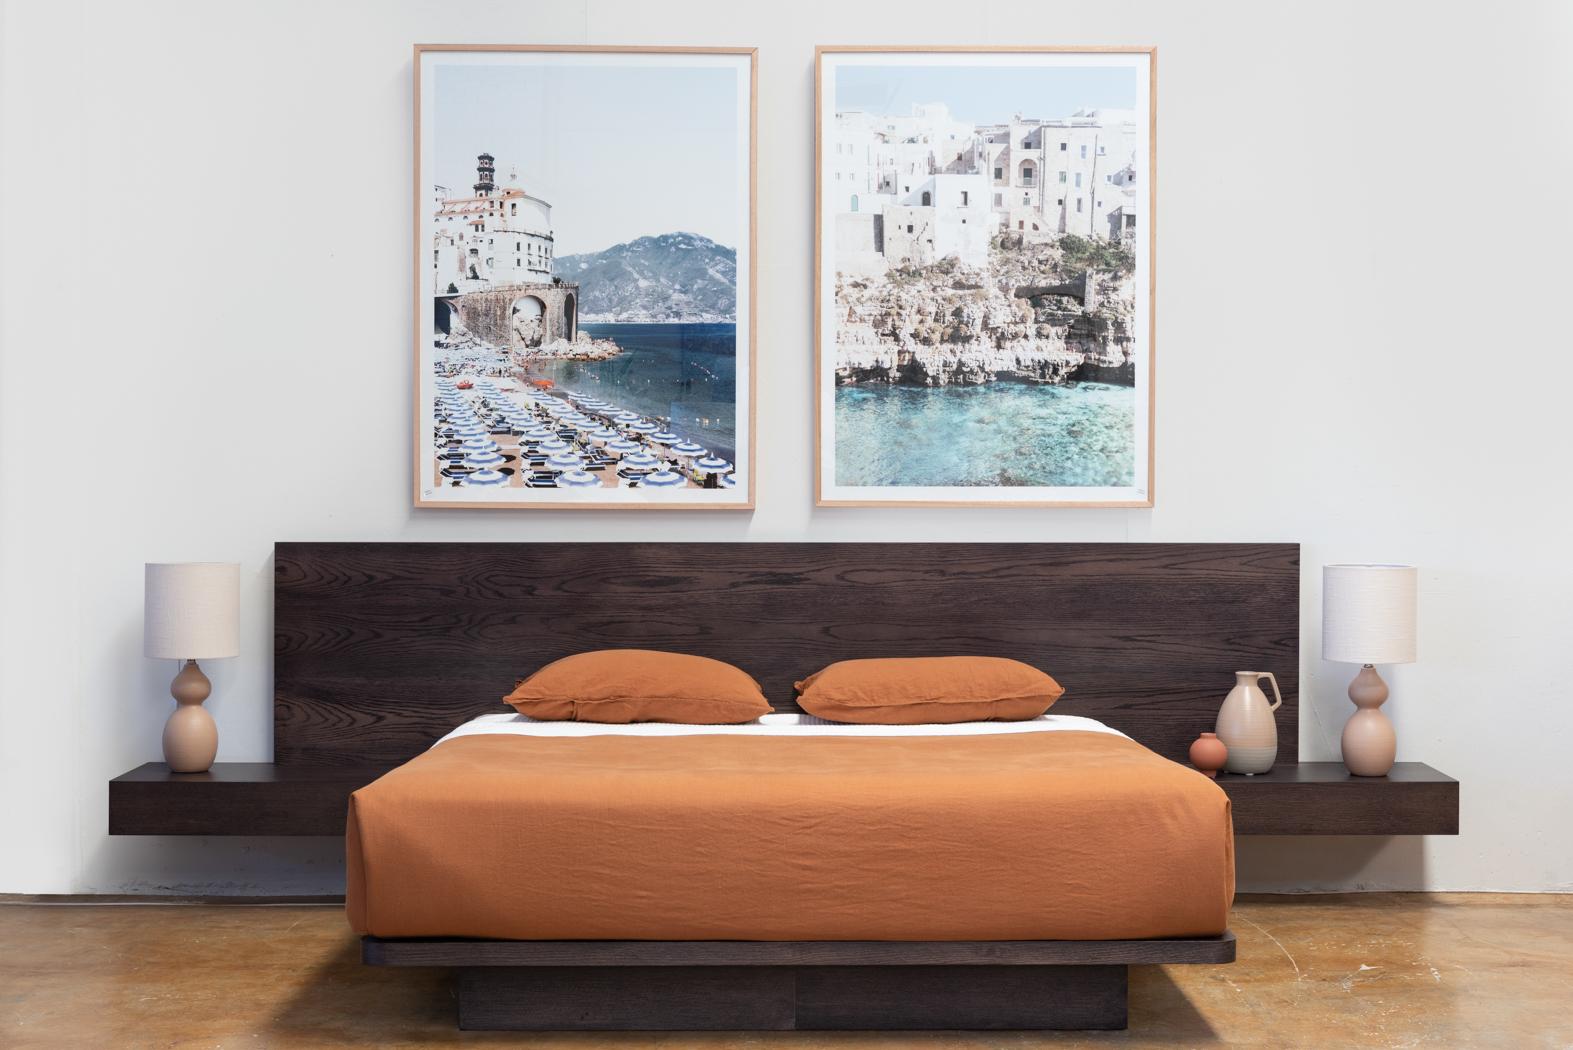 Resort Bed